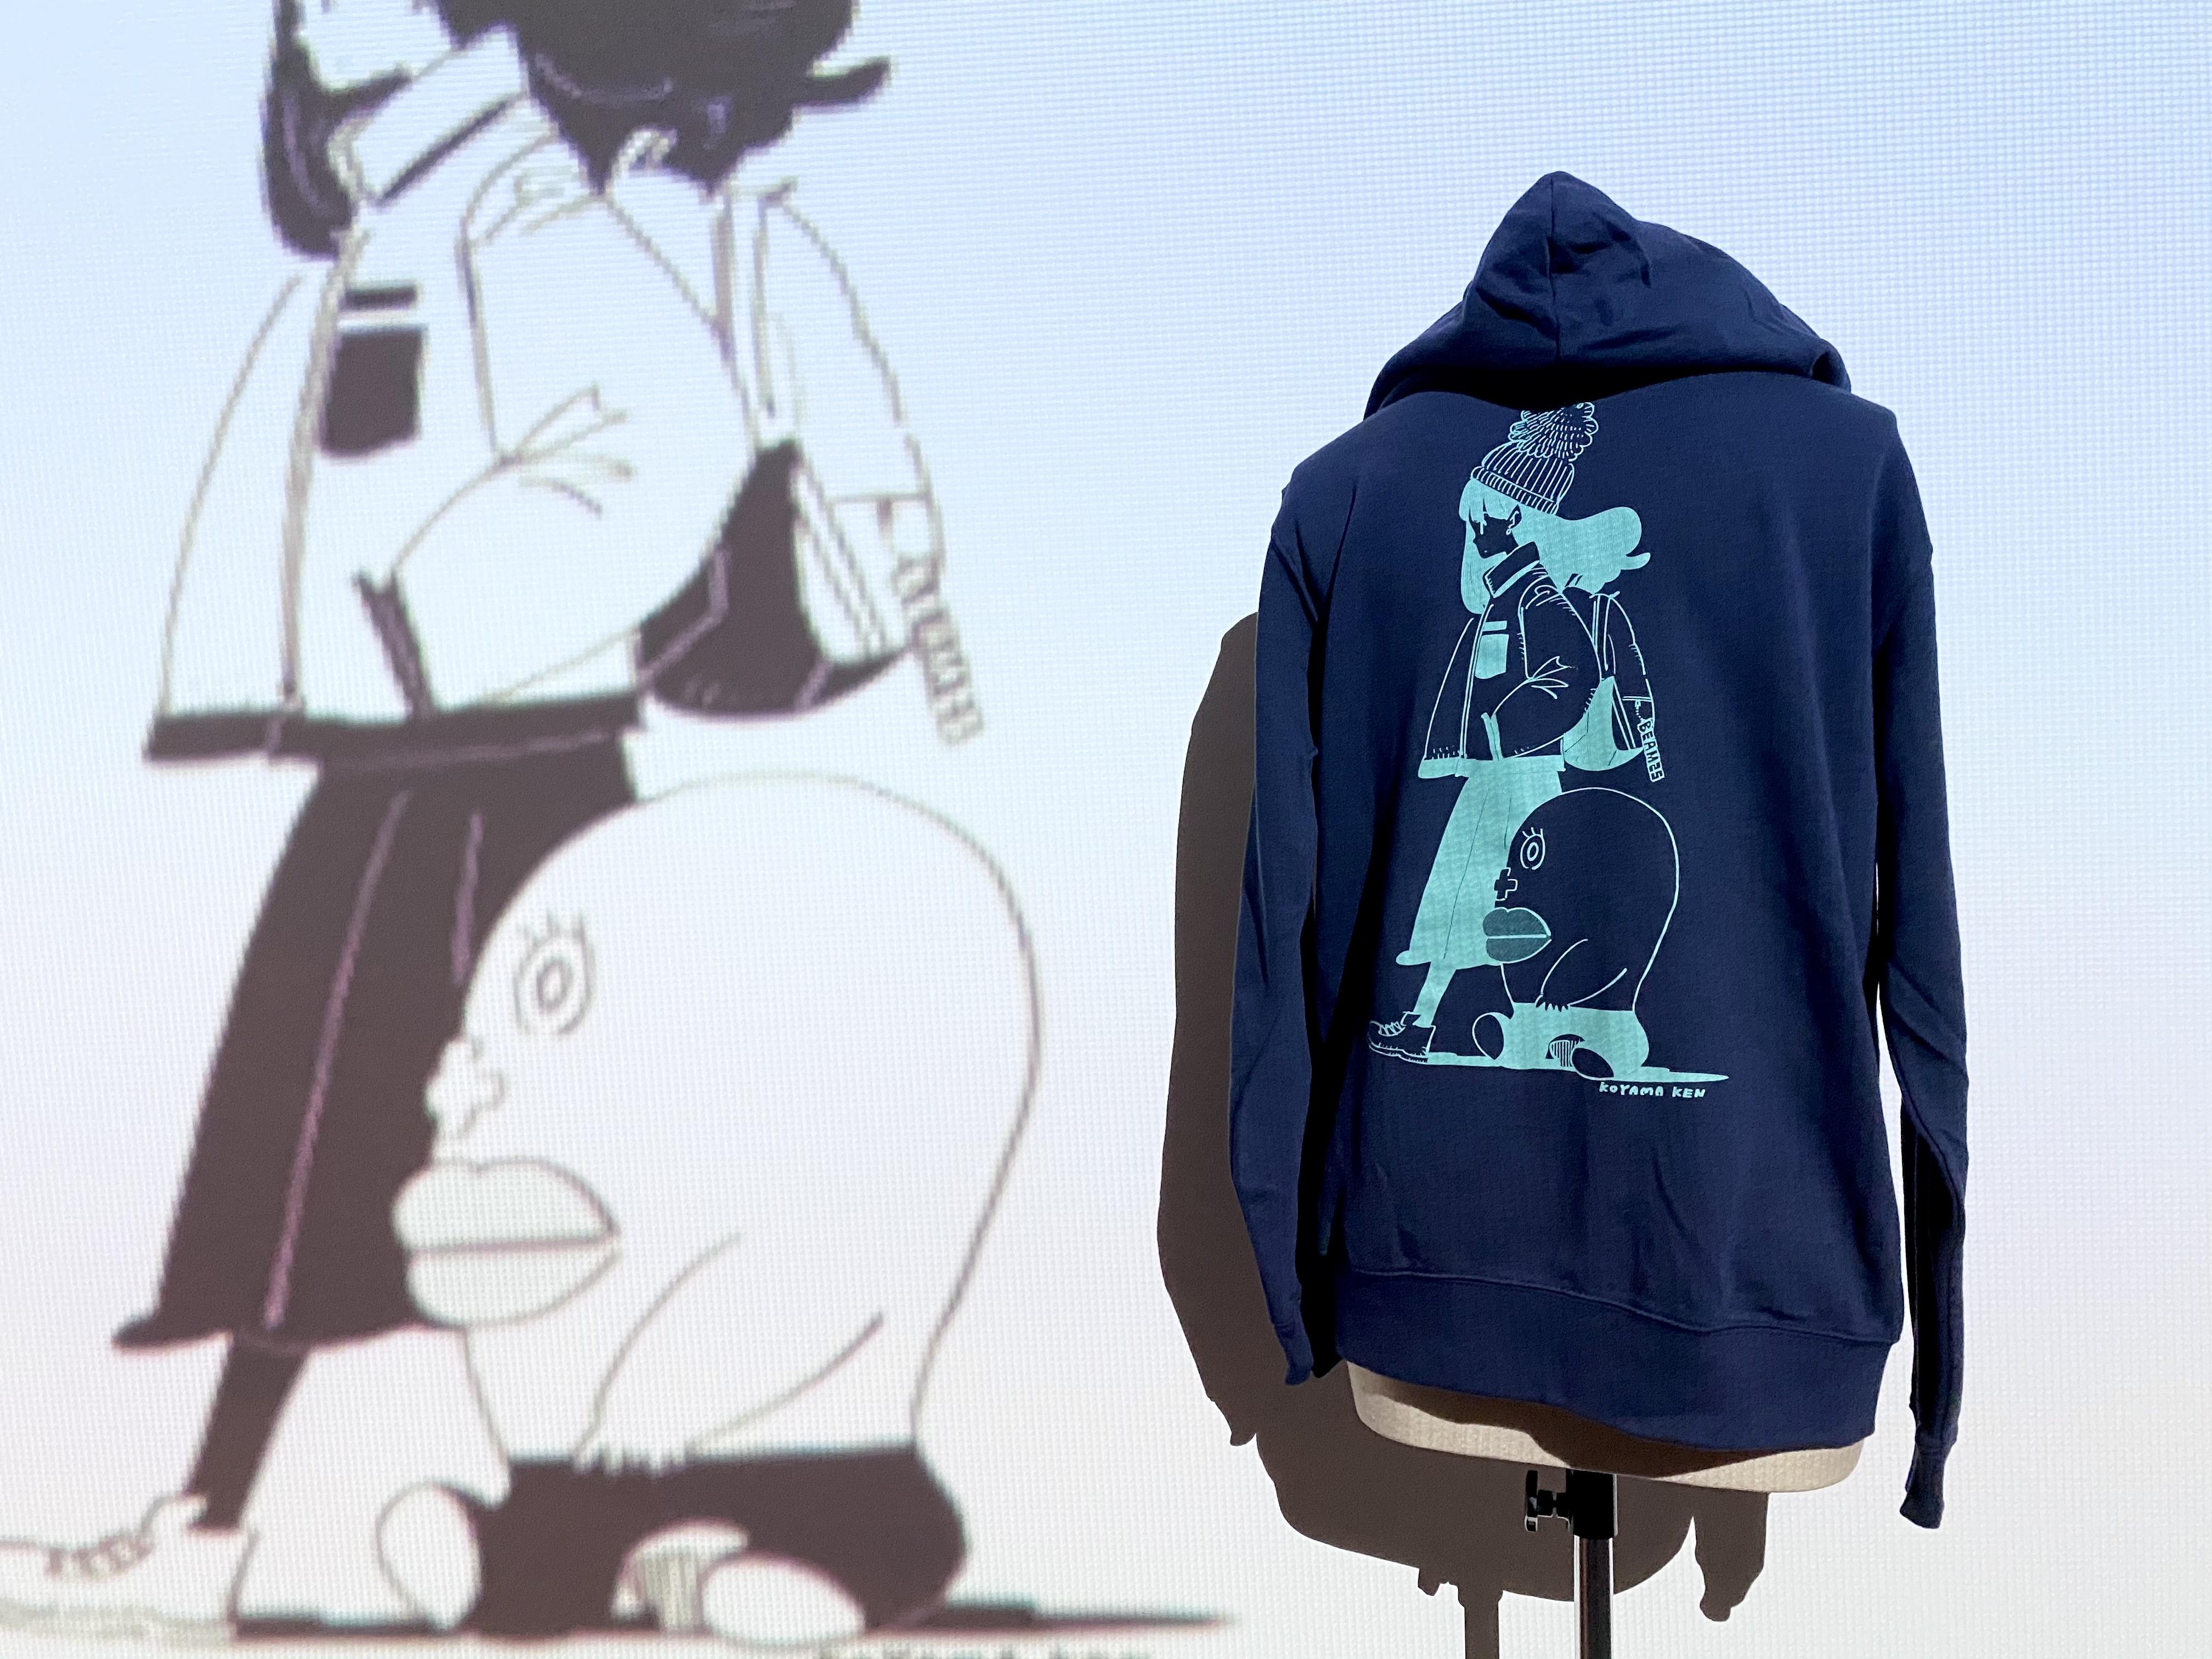 【ビーム25周年描き下ろし企画】小山健「クールな生理ちゃん」ジップアップパーカー